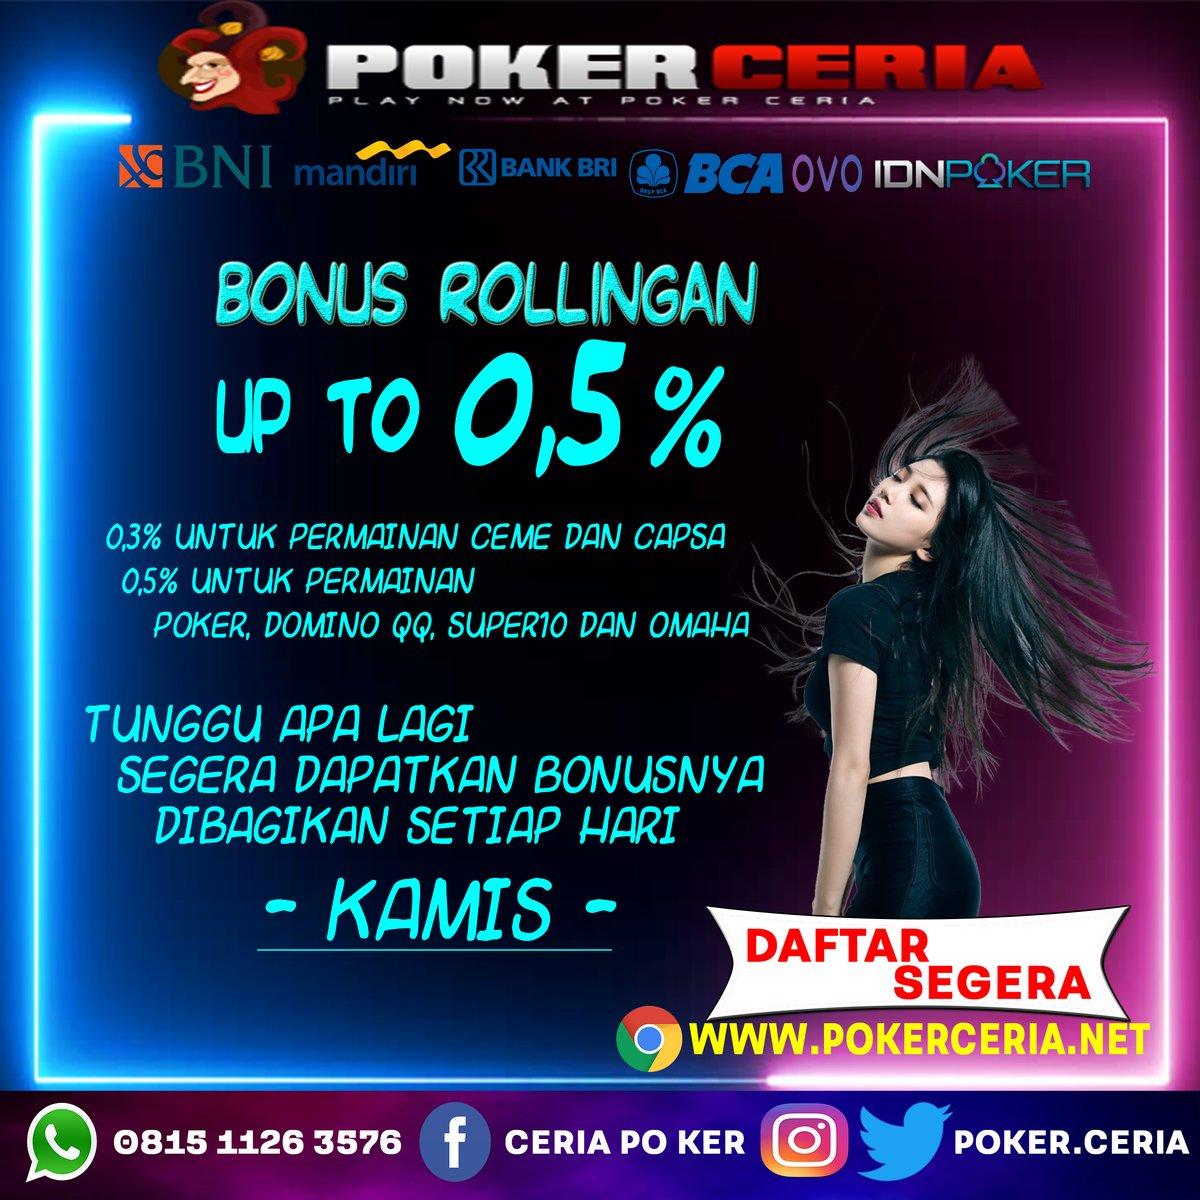 Poker Ceria Ceriapoker ট ইট র